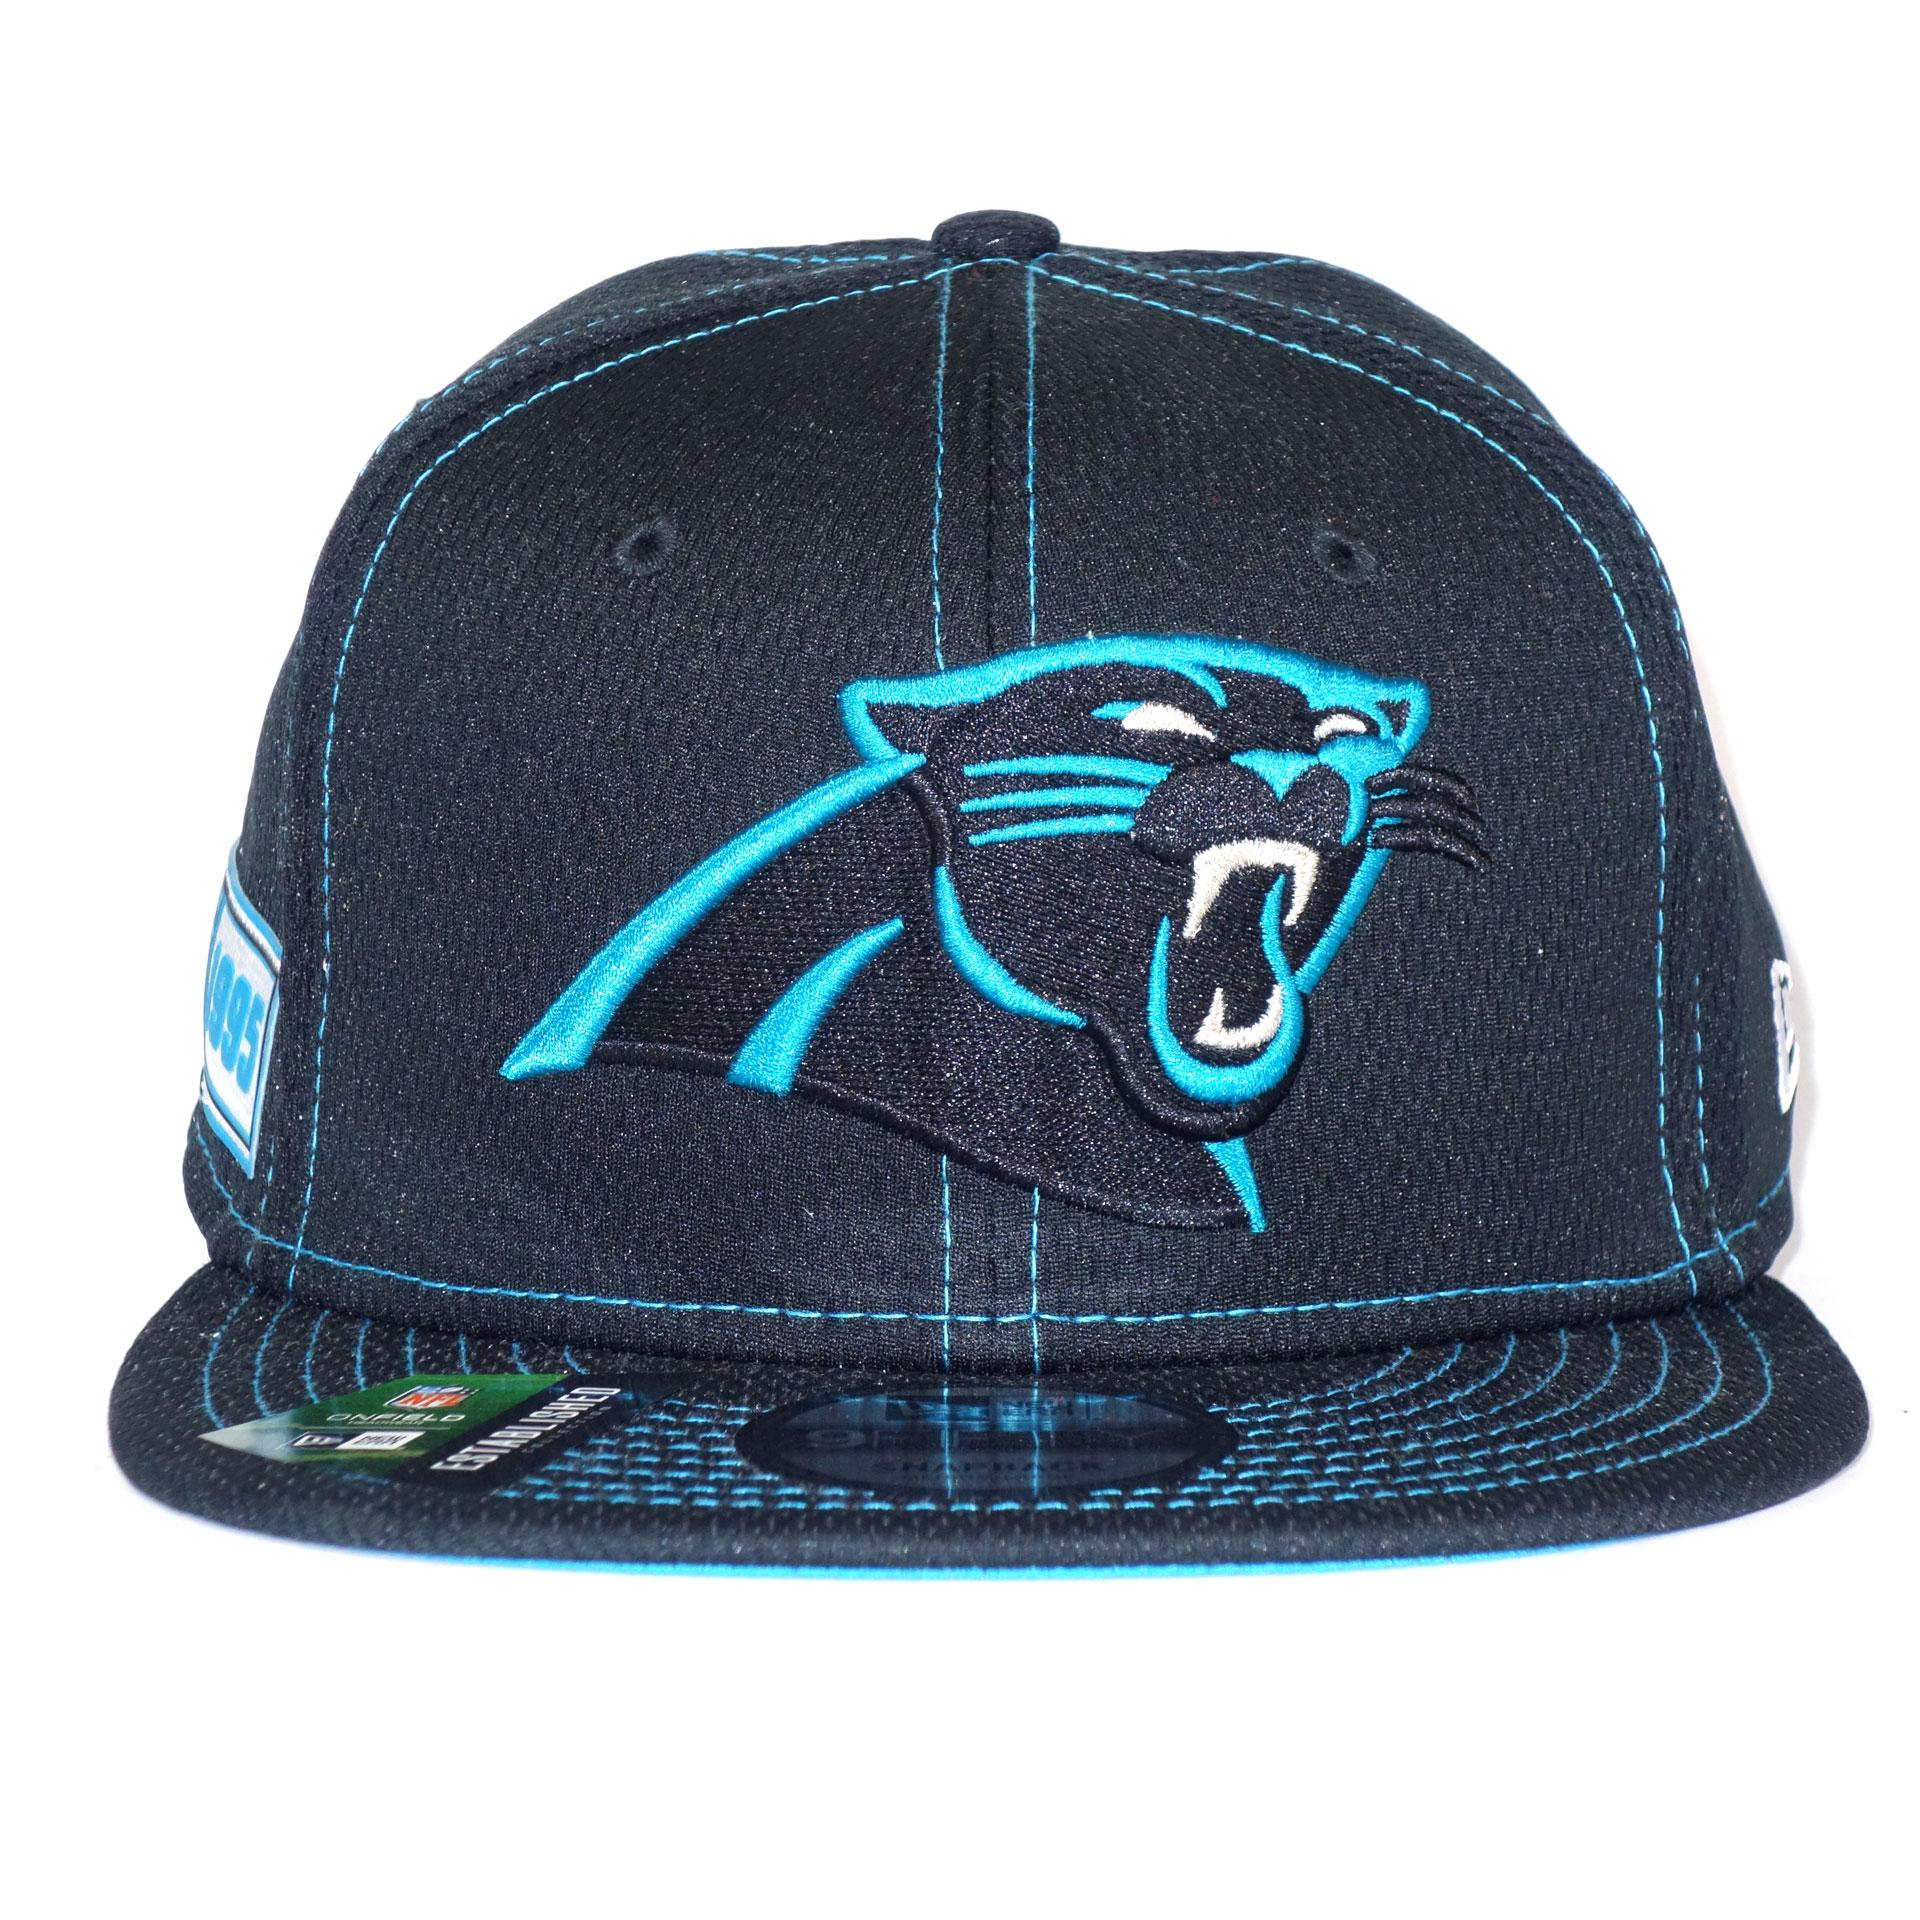 NFL New Era Cap Carolina Panthers